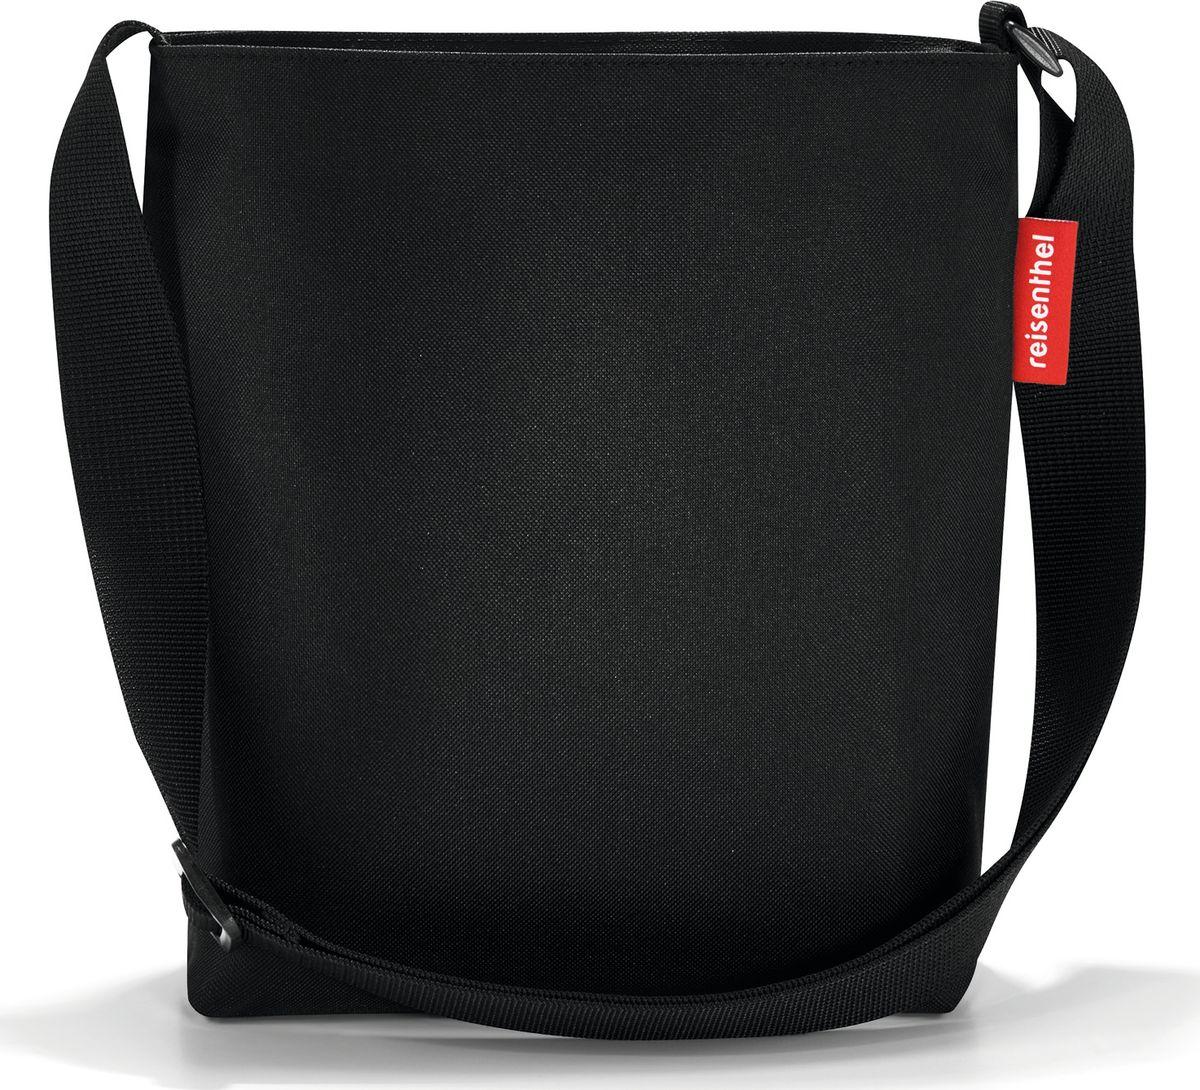 Сумка женская Reisenthel Shoulderbag S, цвет: черный. HY7003HY7003Простая, но очень вместительная сумка через плечо. Застегивается на молнию. Широкий удобный ремень регулируемой длины. Внутри - дополнительный карман на молнии.